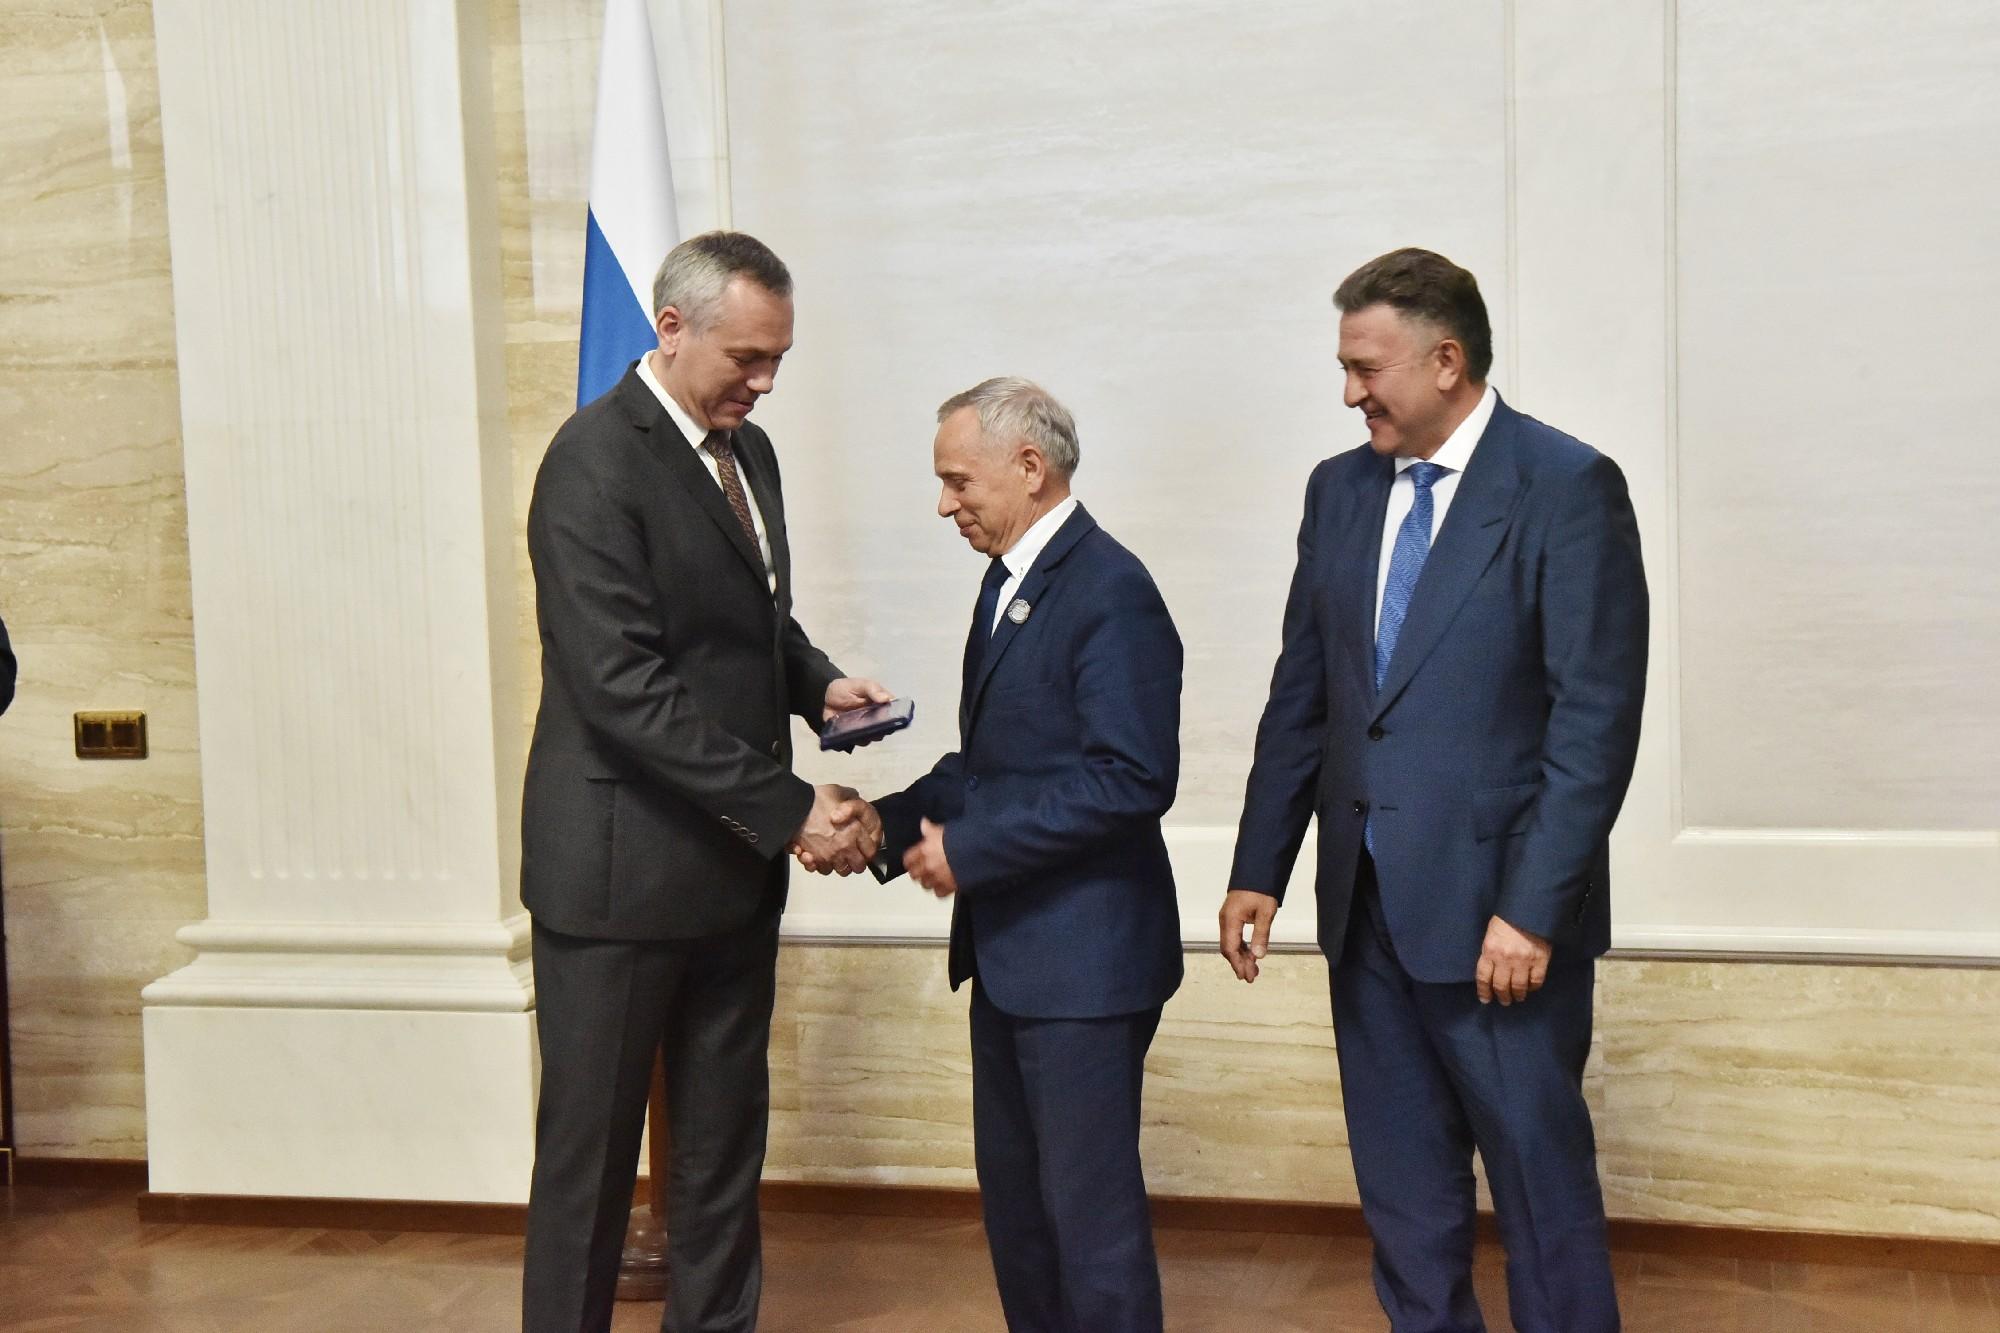 Поздравляем Михаила Голубева, Члена Правления  Ассоциации Региональный Деловой Клуб Строителей, с вручением Почетного Знака Заслуженного строителя Новосибирской области»